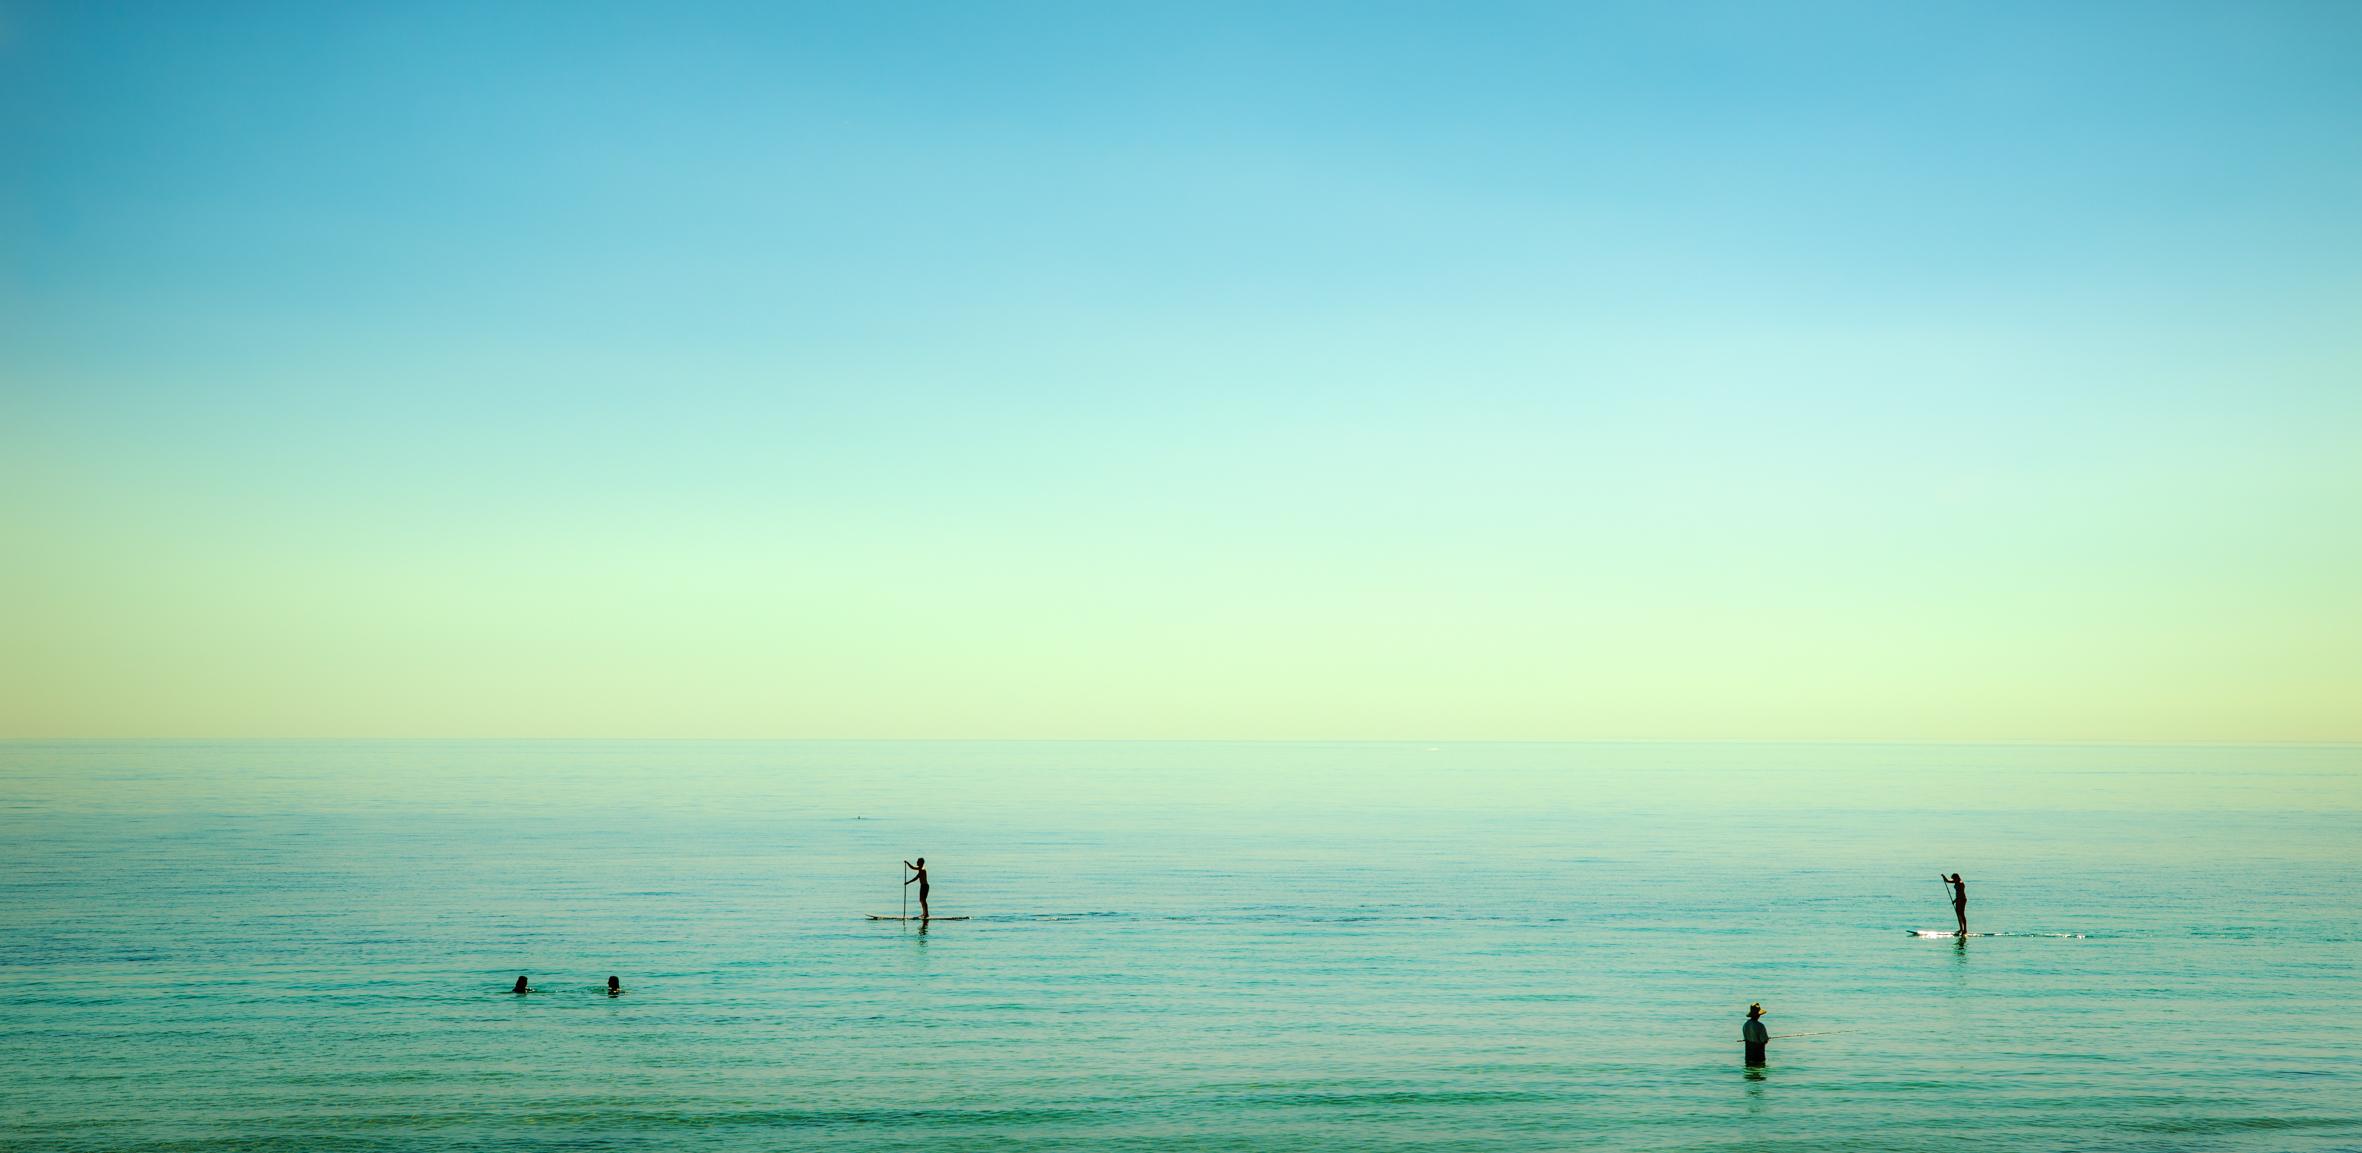 Gleneg beach